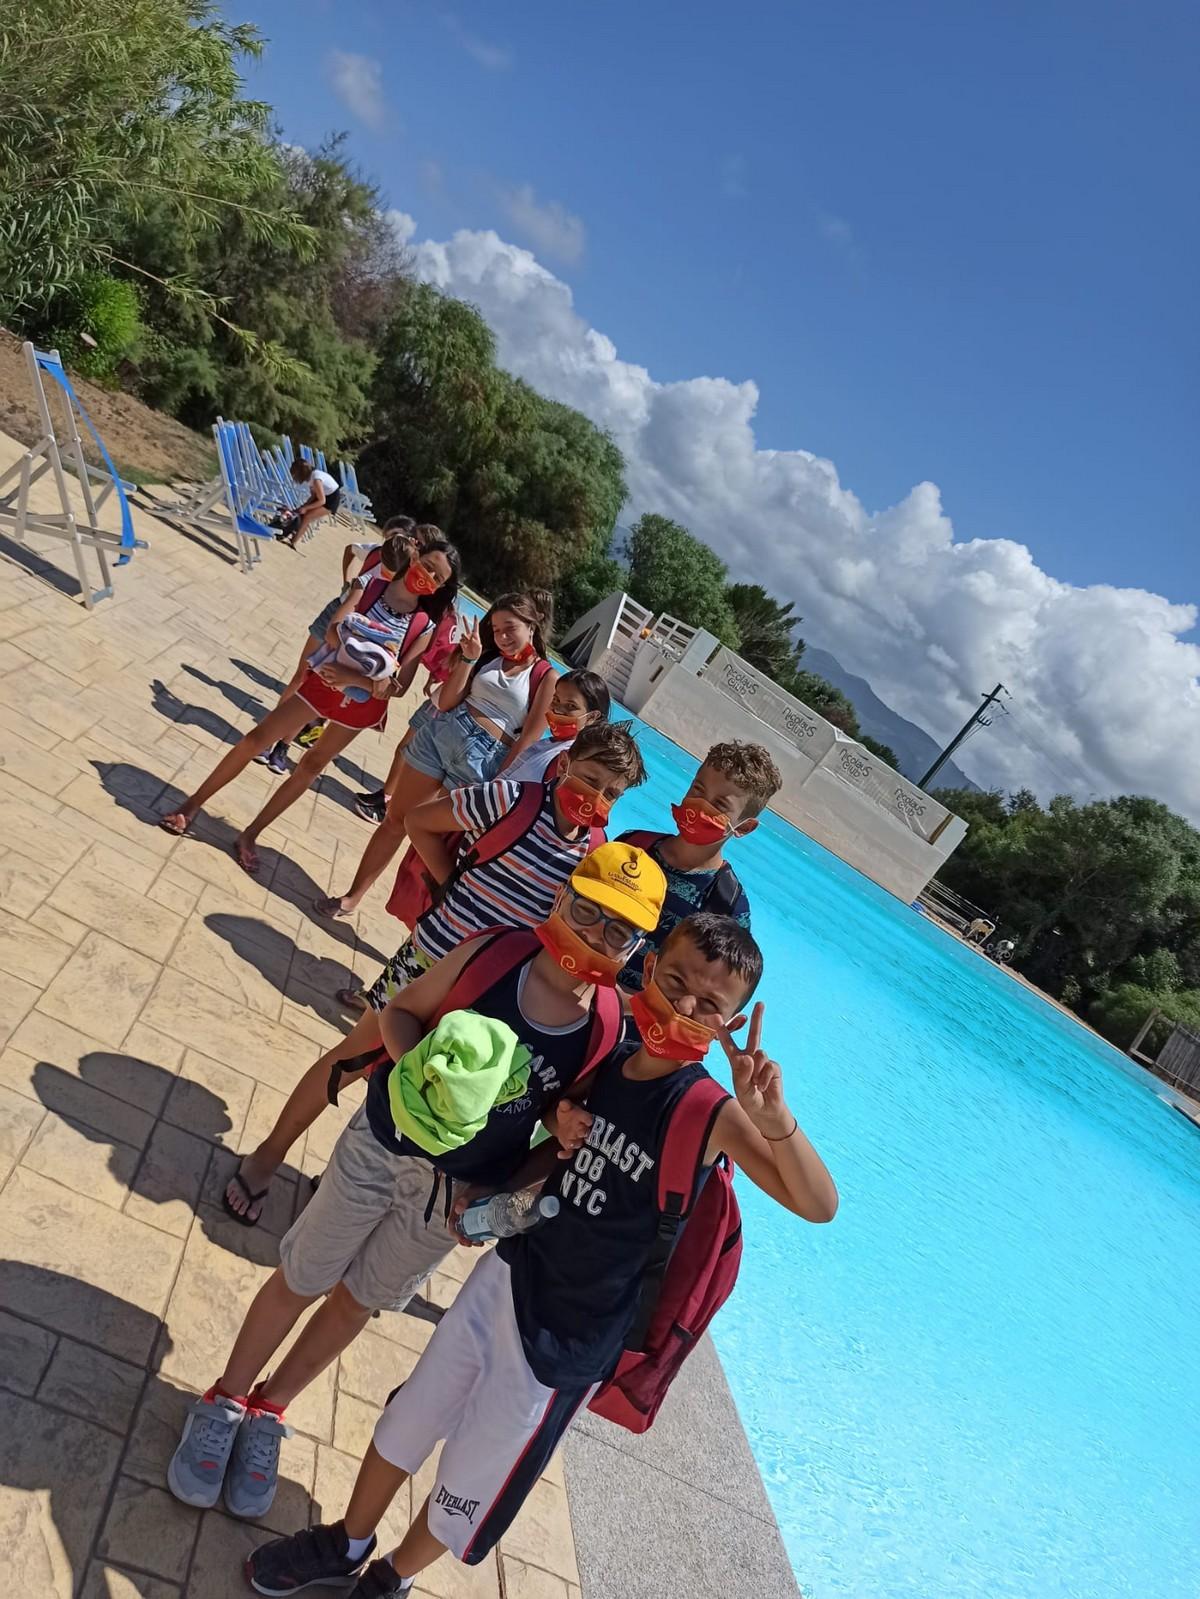 Hotel Baia delle Mimose 4**** // Alla scoperta della Sardegna e delle Isole // Junior Archivi --HOTEL-BAIA-DELLE-MIMOSE-ALLA-SCOPERTA-DELLA-SARDEGNA-E-DELLE-ISOLE-2-TURNO-16-7-20211